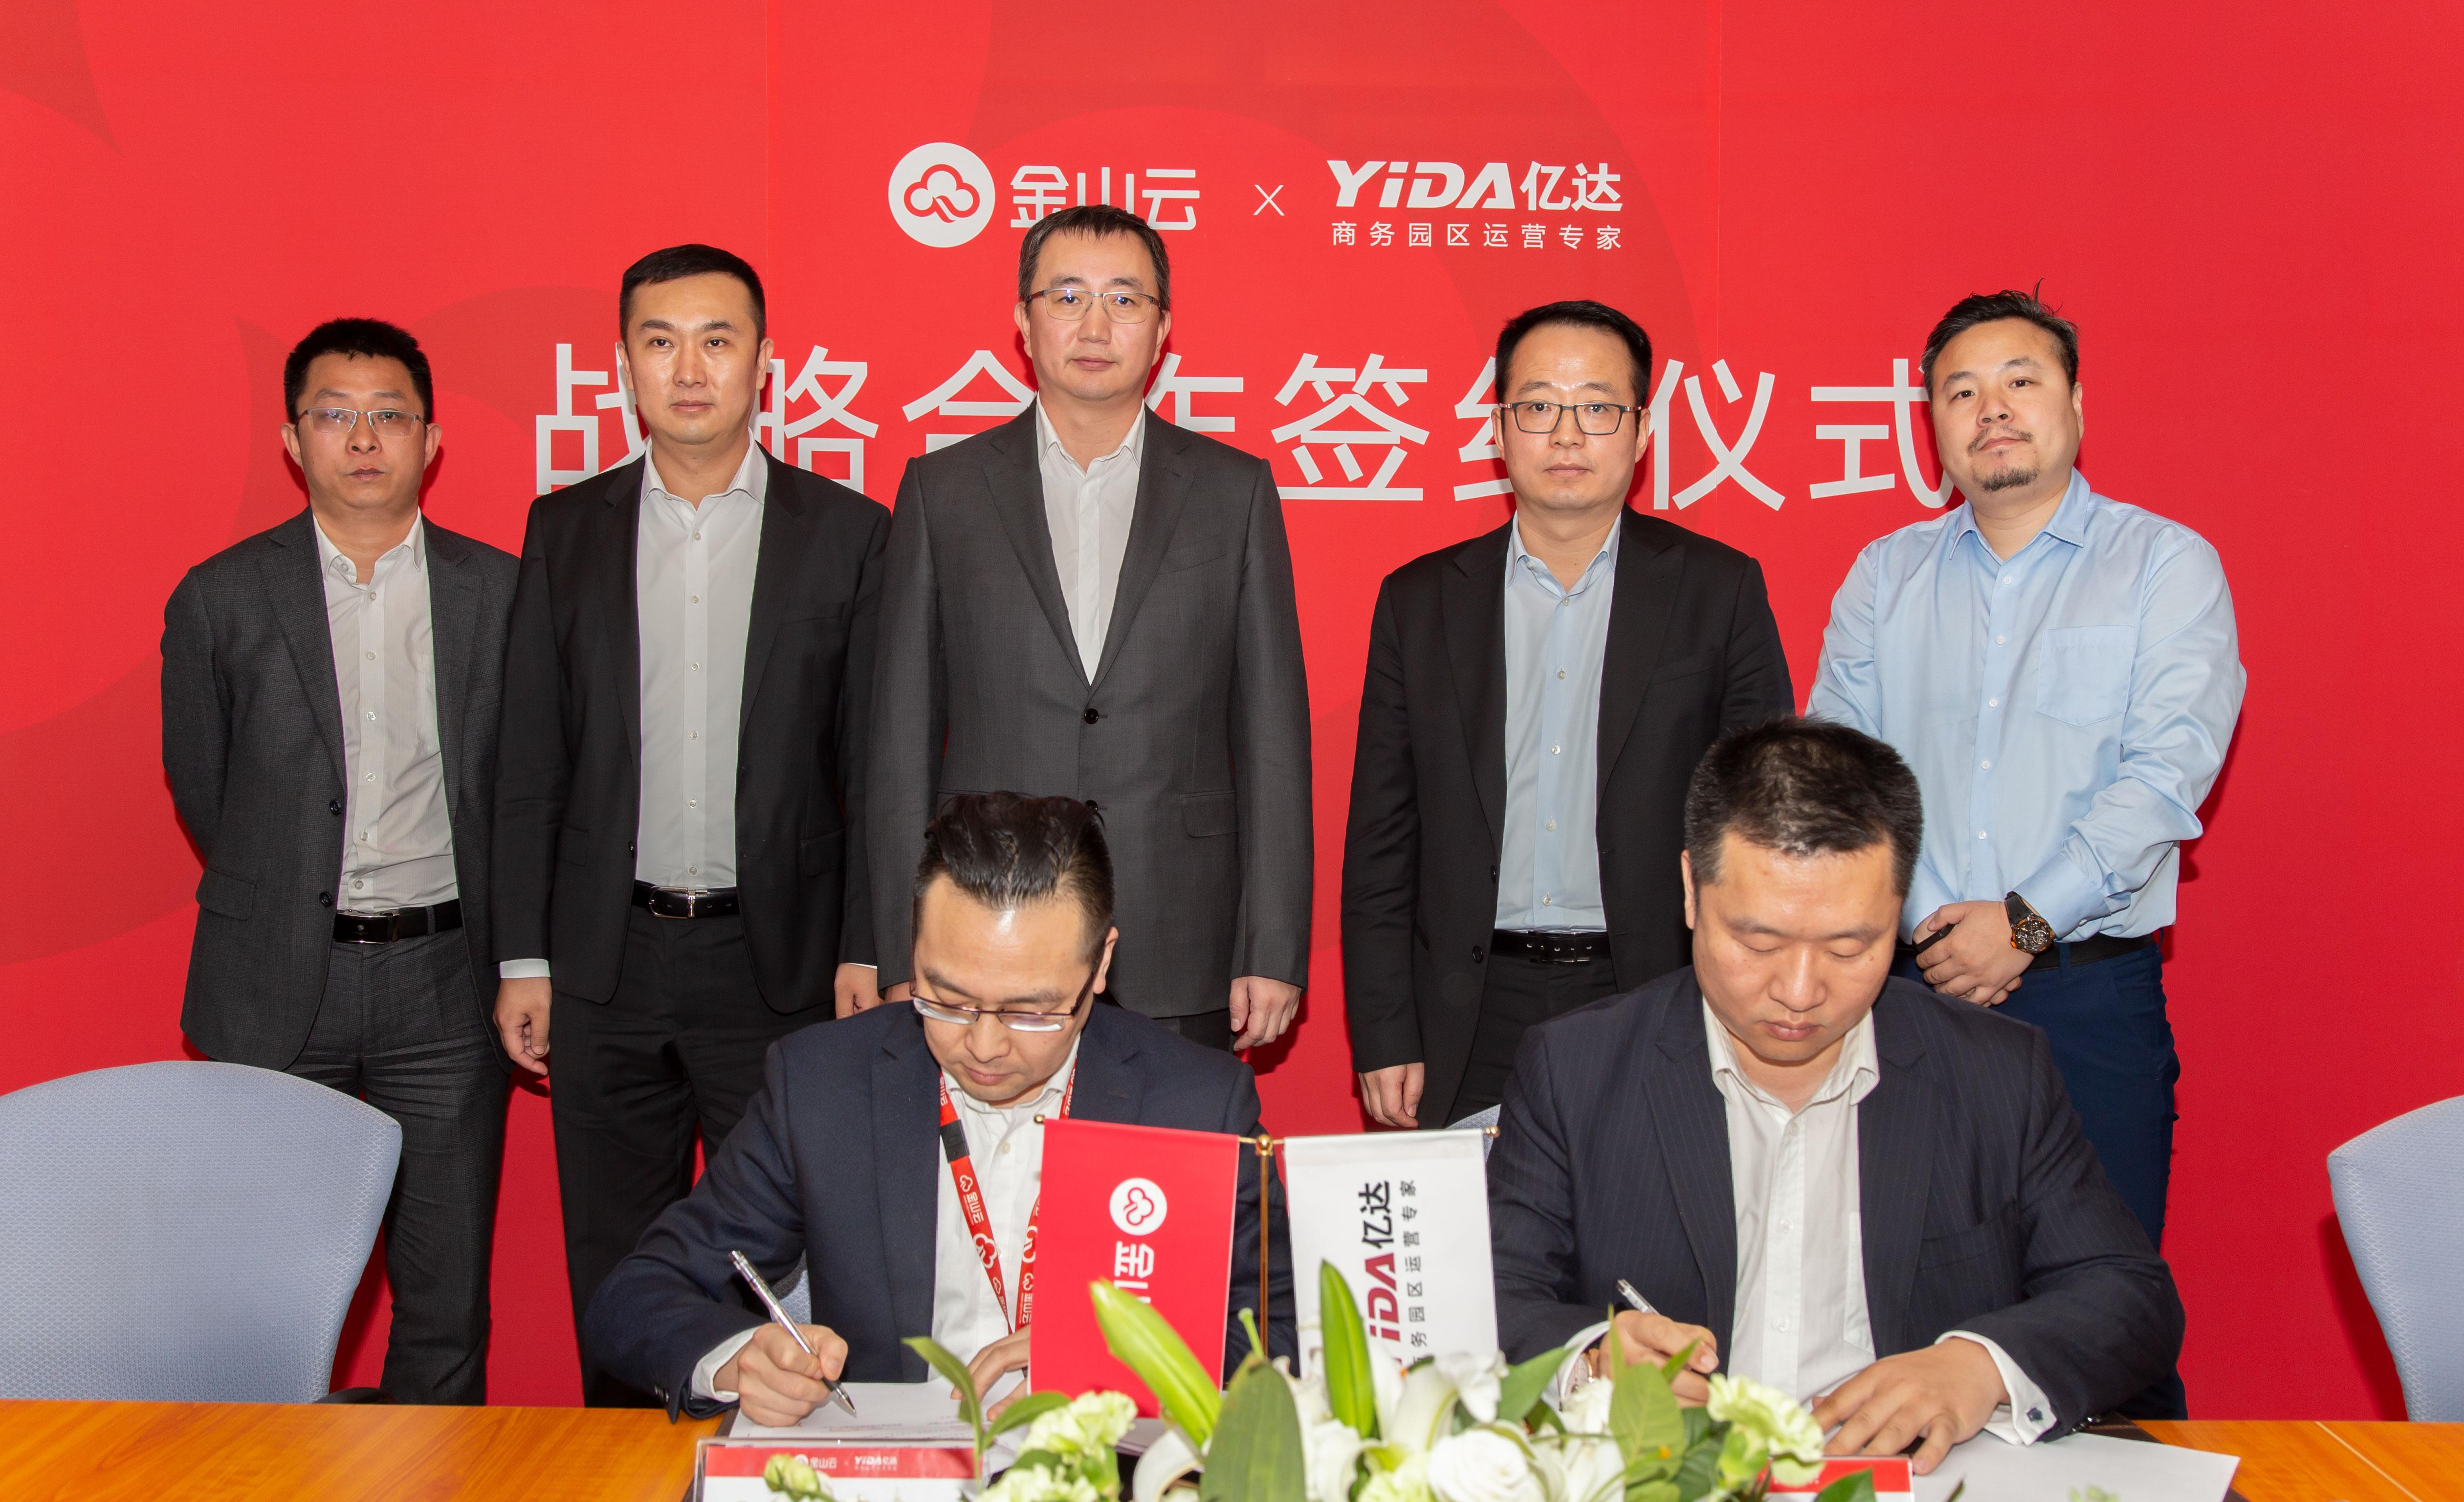 金山云携手亿达中国 推动城市产业转型升级